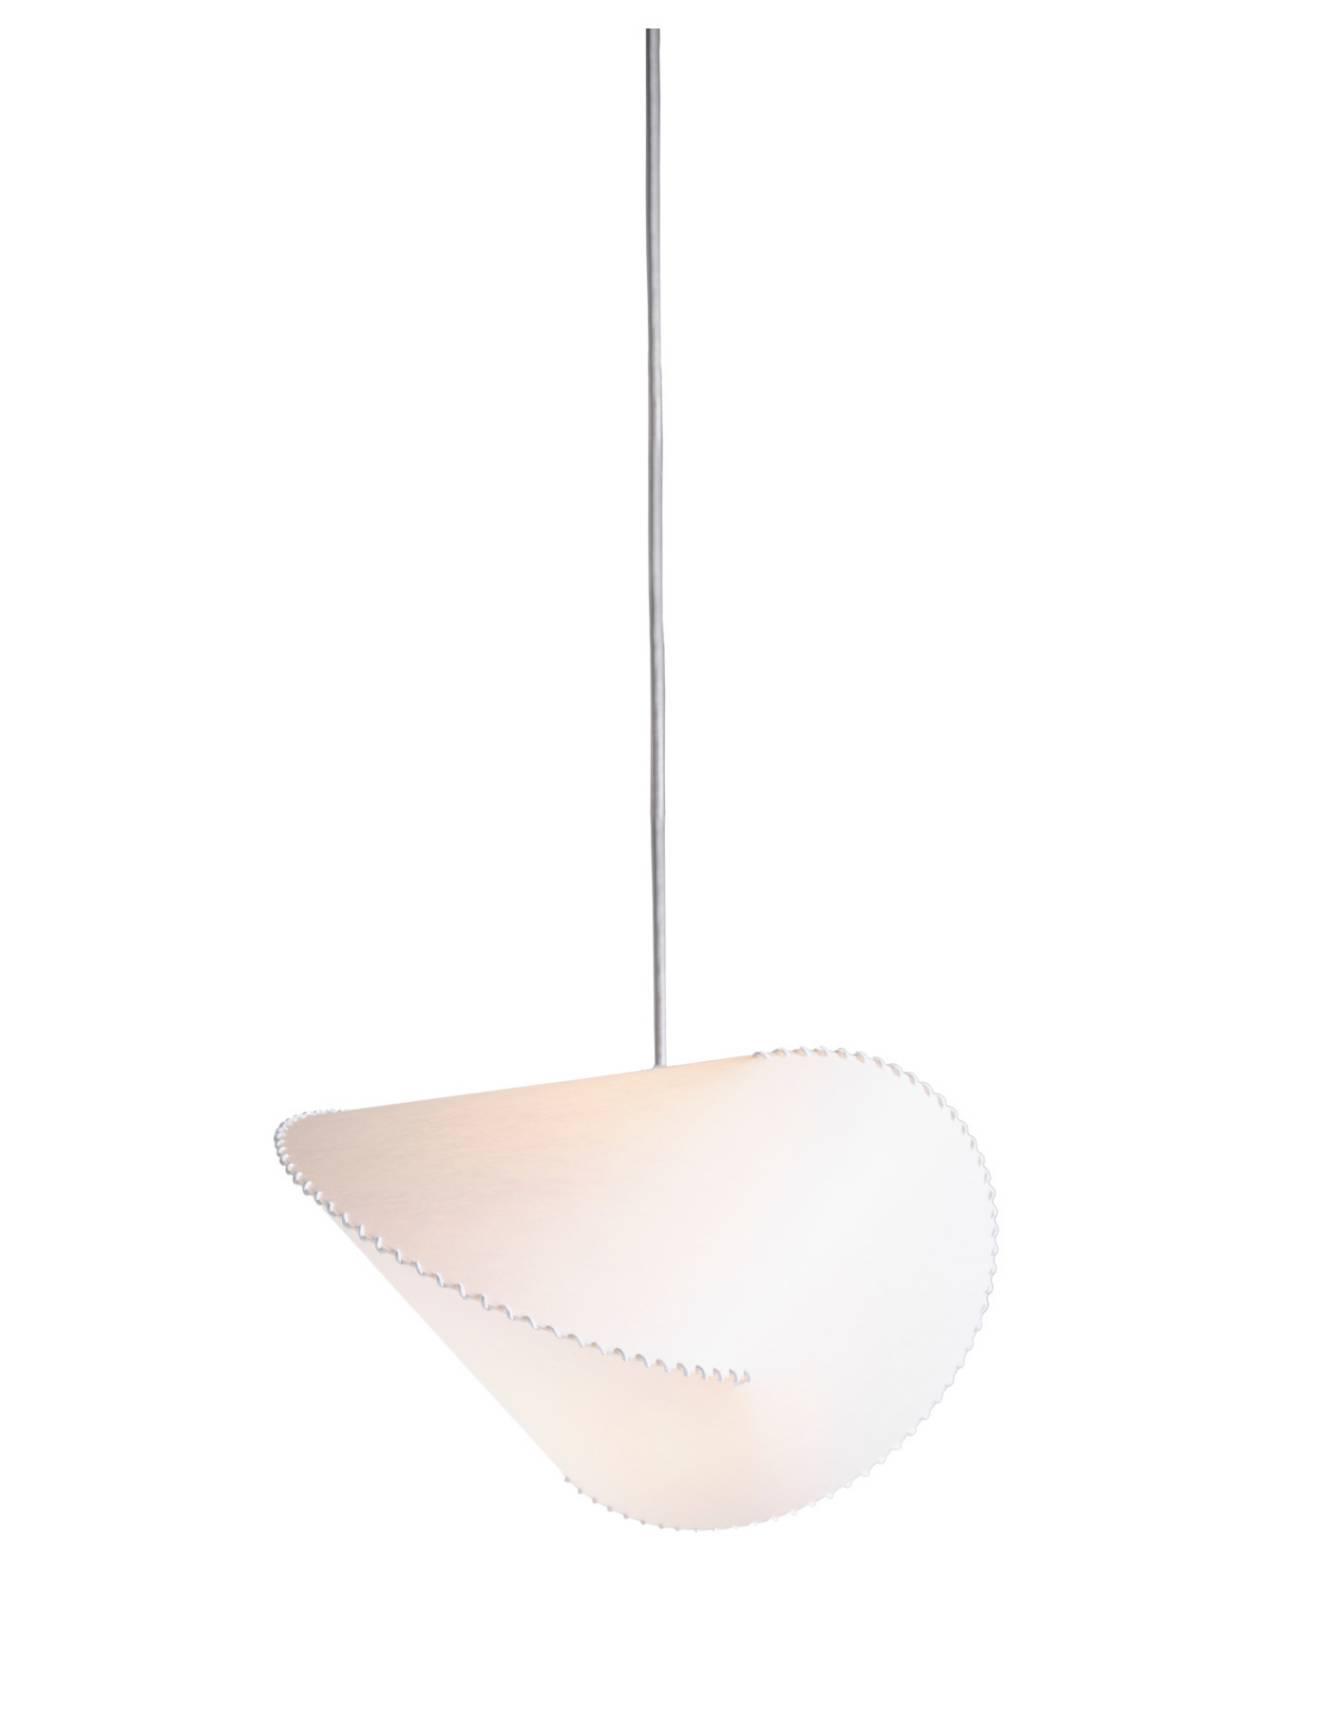 Domus Floyd Pendelleuchte Design Leuchte